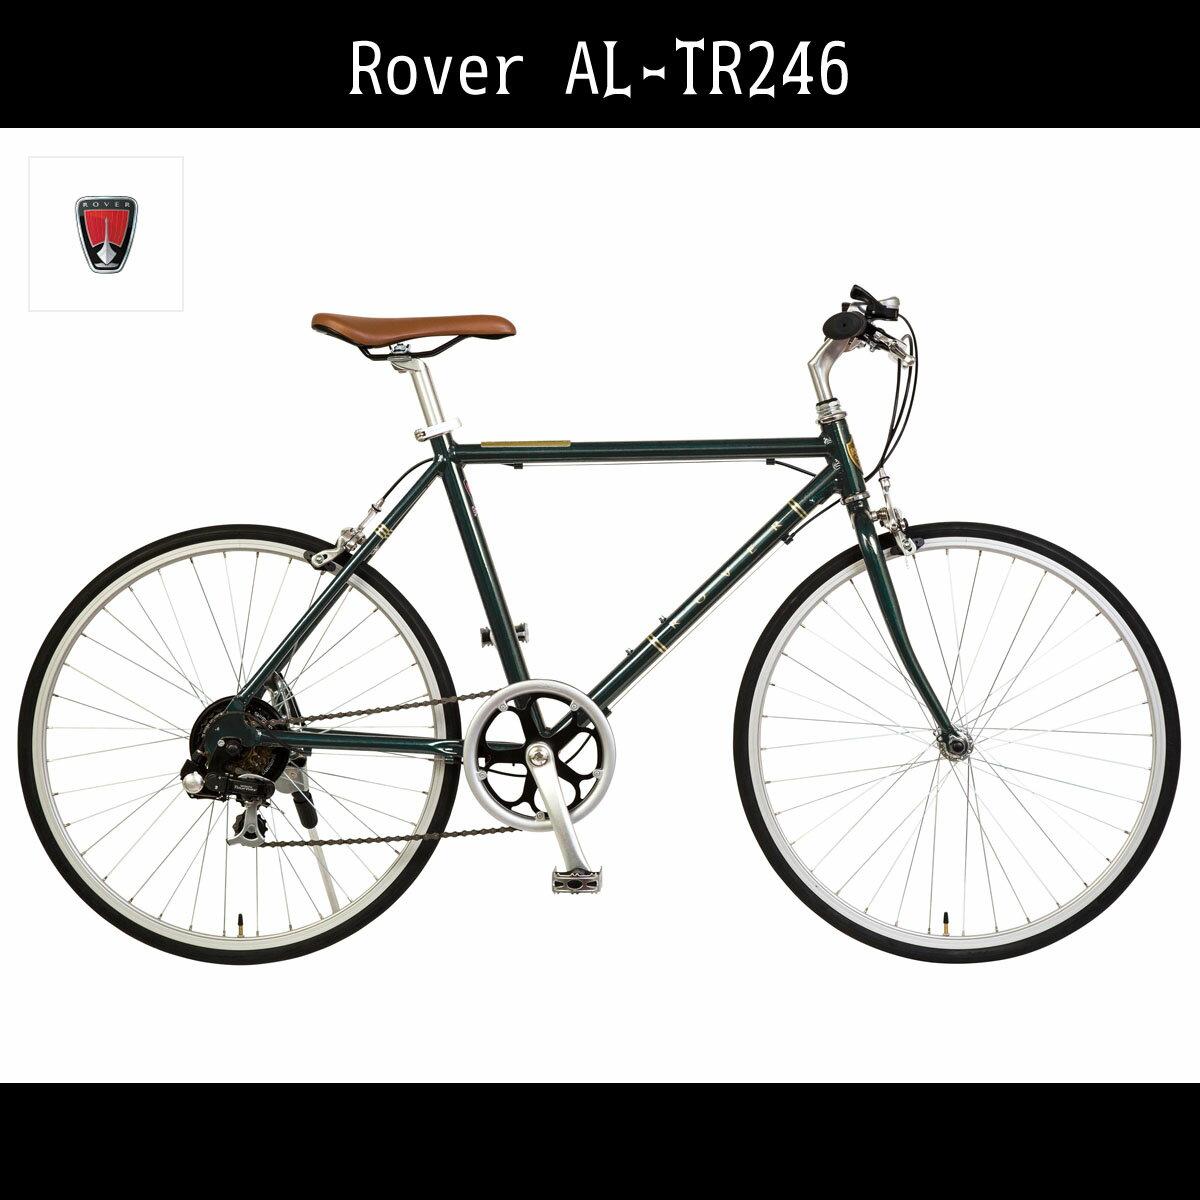 2台セット販売送料無料 ロードバイク Rover ローバー 自転車 グリーン/緑 24インチ 自転車 外装6段変速ギア 軽量アルミ ロードバイク ローバー AL-TR246 通販 おしゃれ